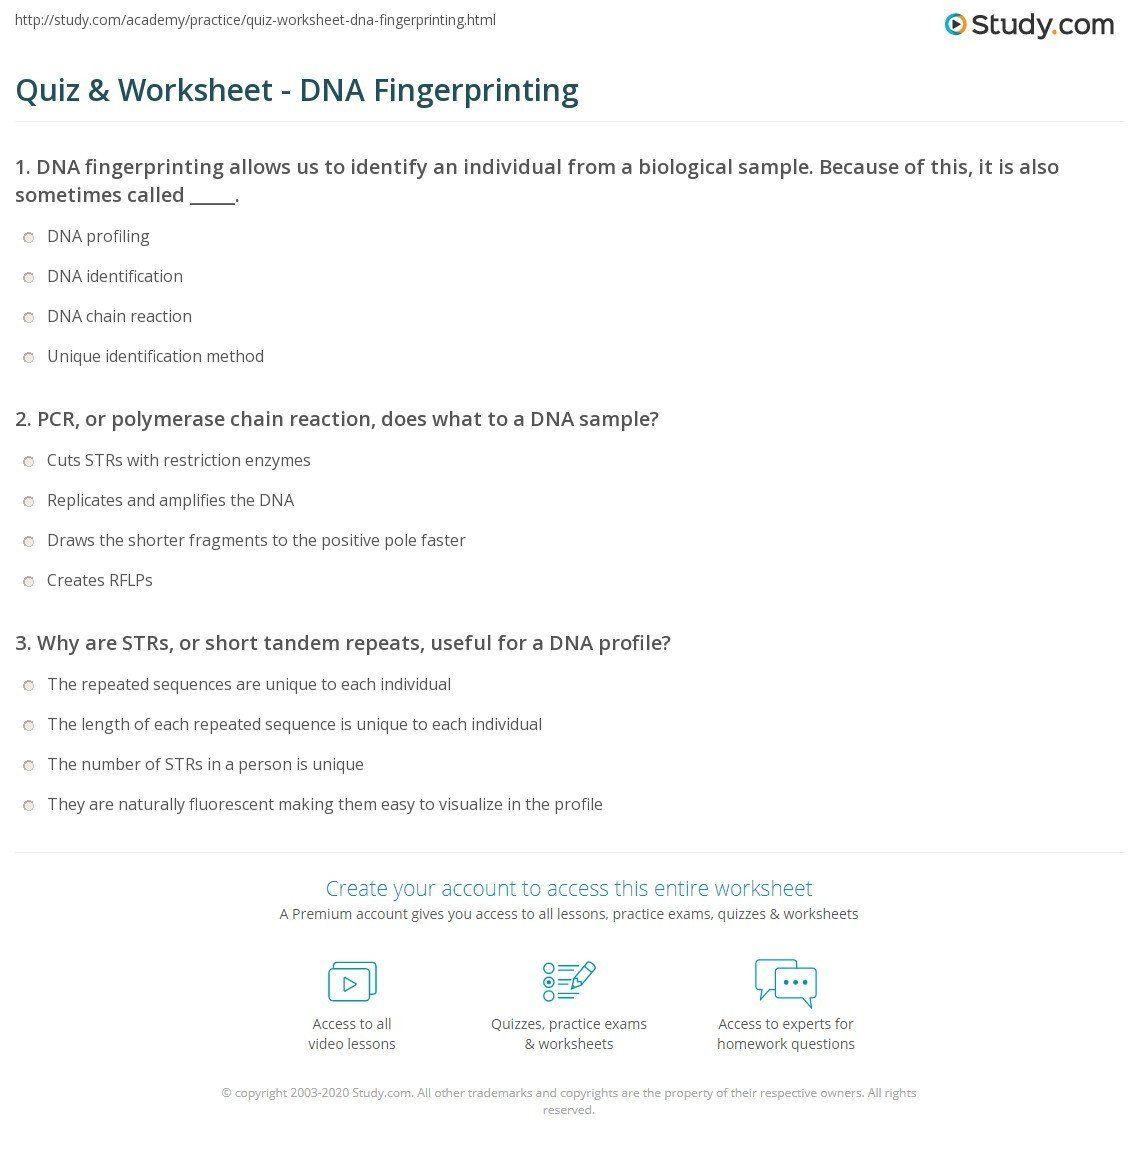 Dna Fingerprint Worksheet Answers Dna Fingerprinting Worksheet Key Promotiontablecovers Dna Fingerprinting Text Features Worksheet Worksheets